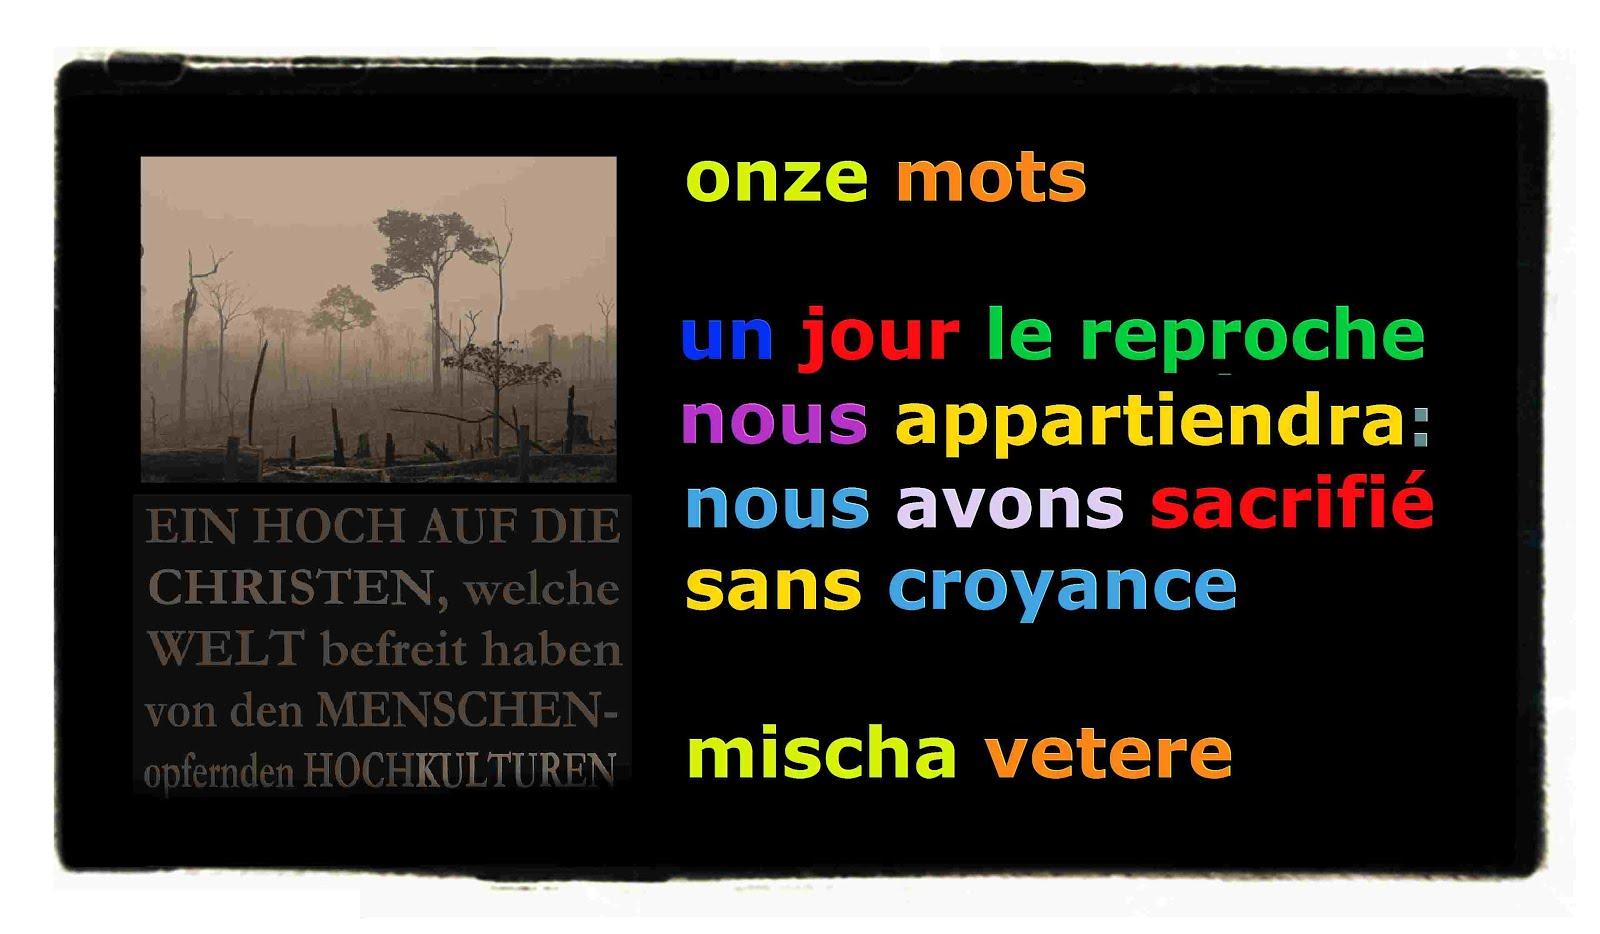 Briefmarken Clever Paris Brunnen Unschuldige Menschen Yt 2008 X Frankreich Fdc Umschlag Premier Tag